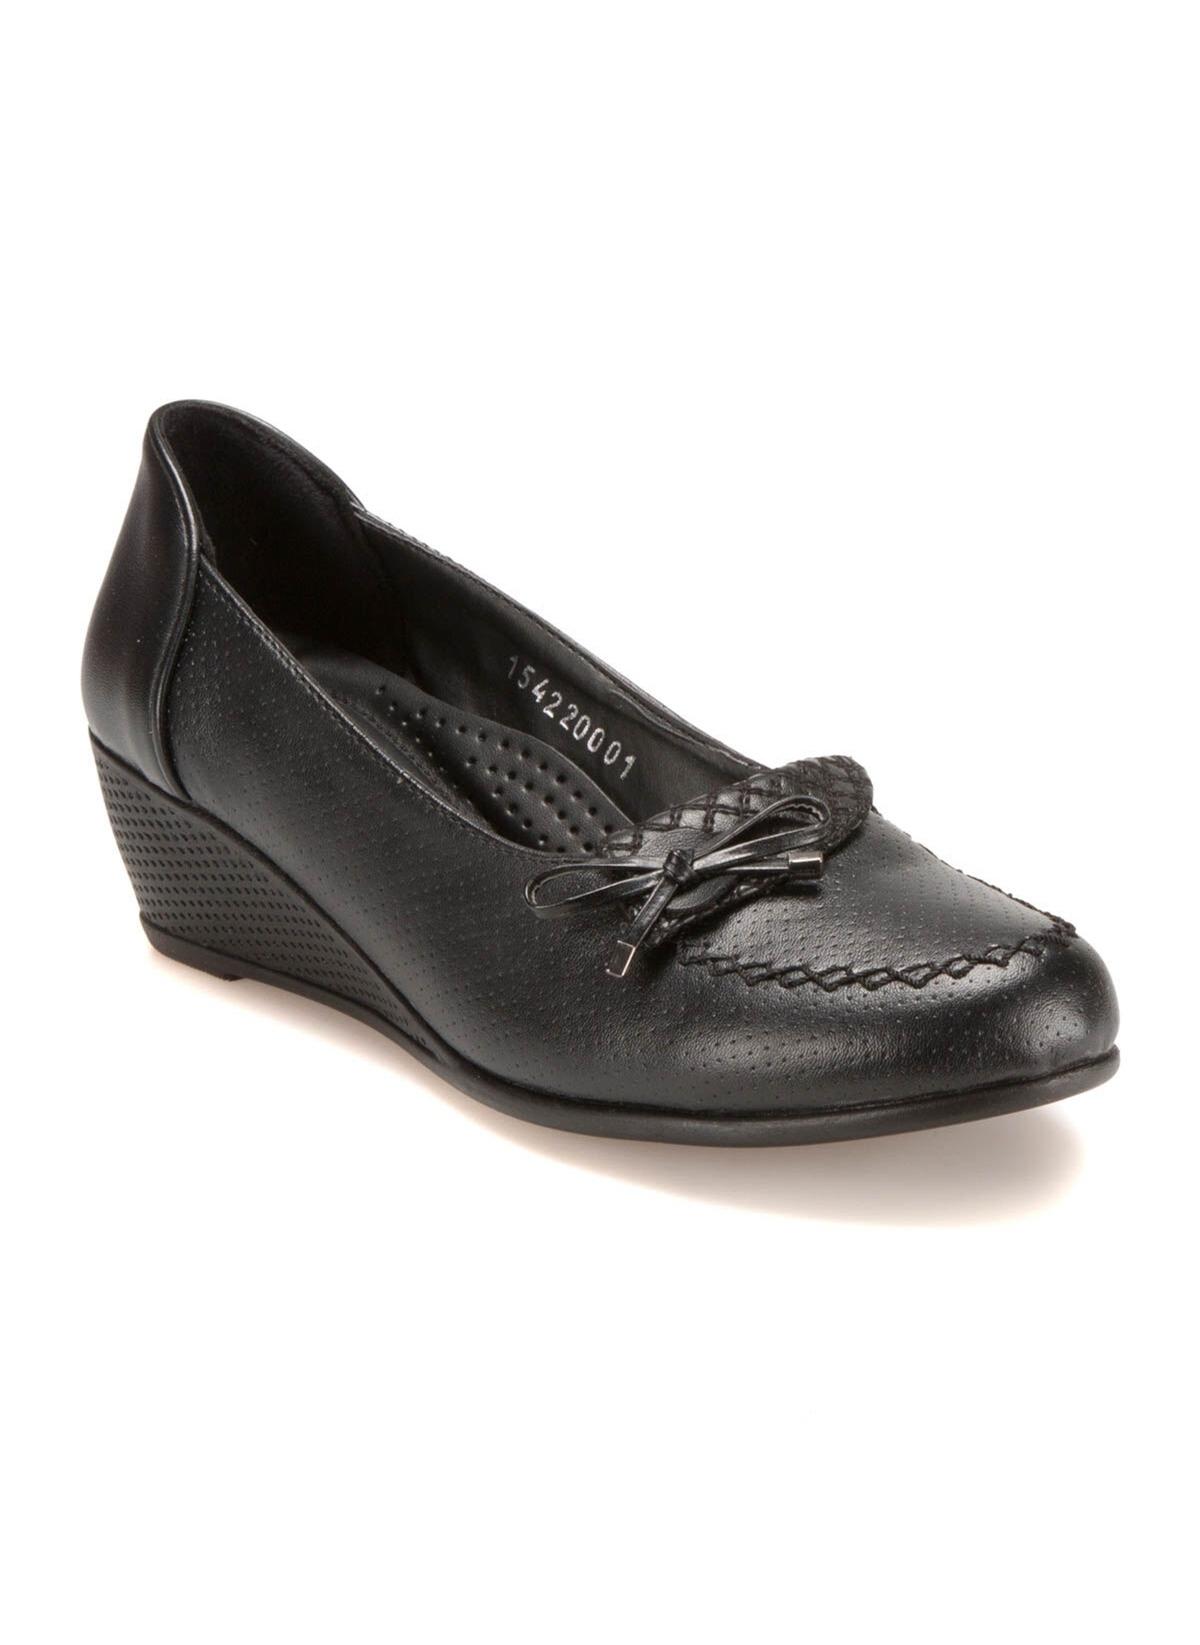 Polaris Ayakkabı 61.154220fz Ayakkabı – 29.99 TL